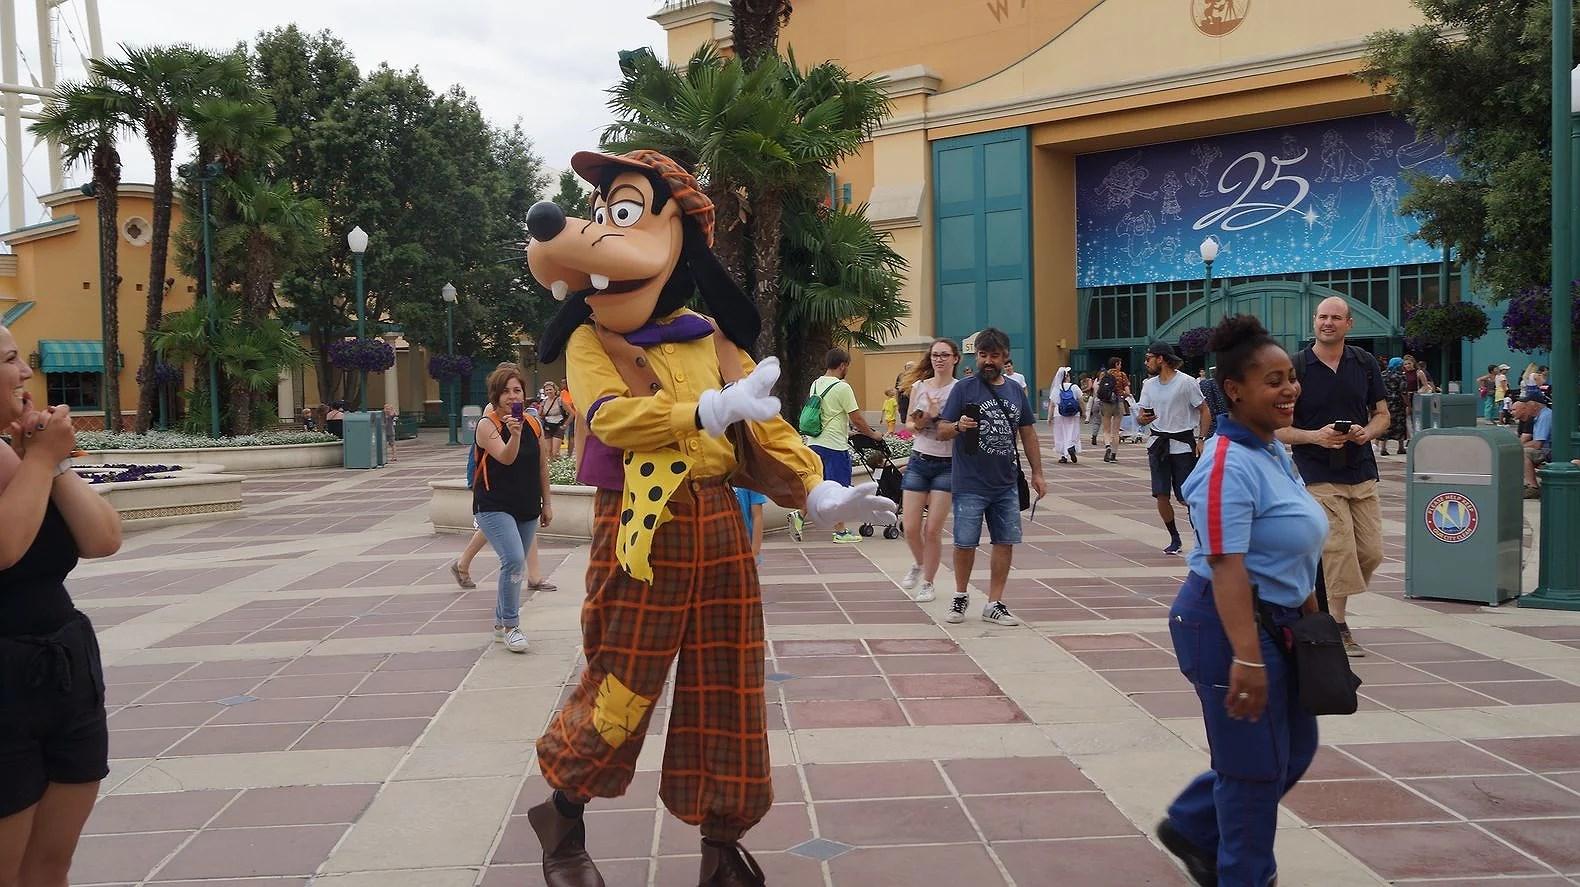 Vill du jobba på Disneyland Paris?